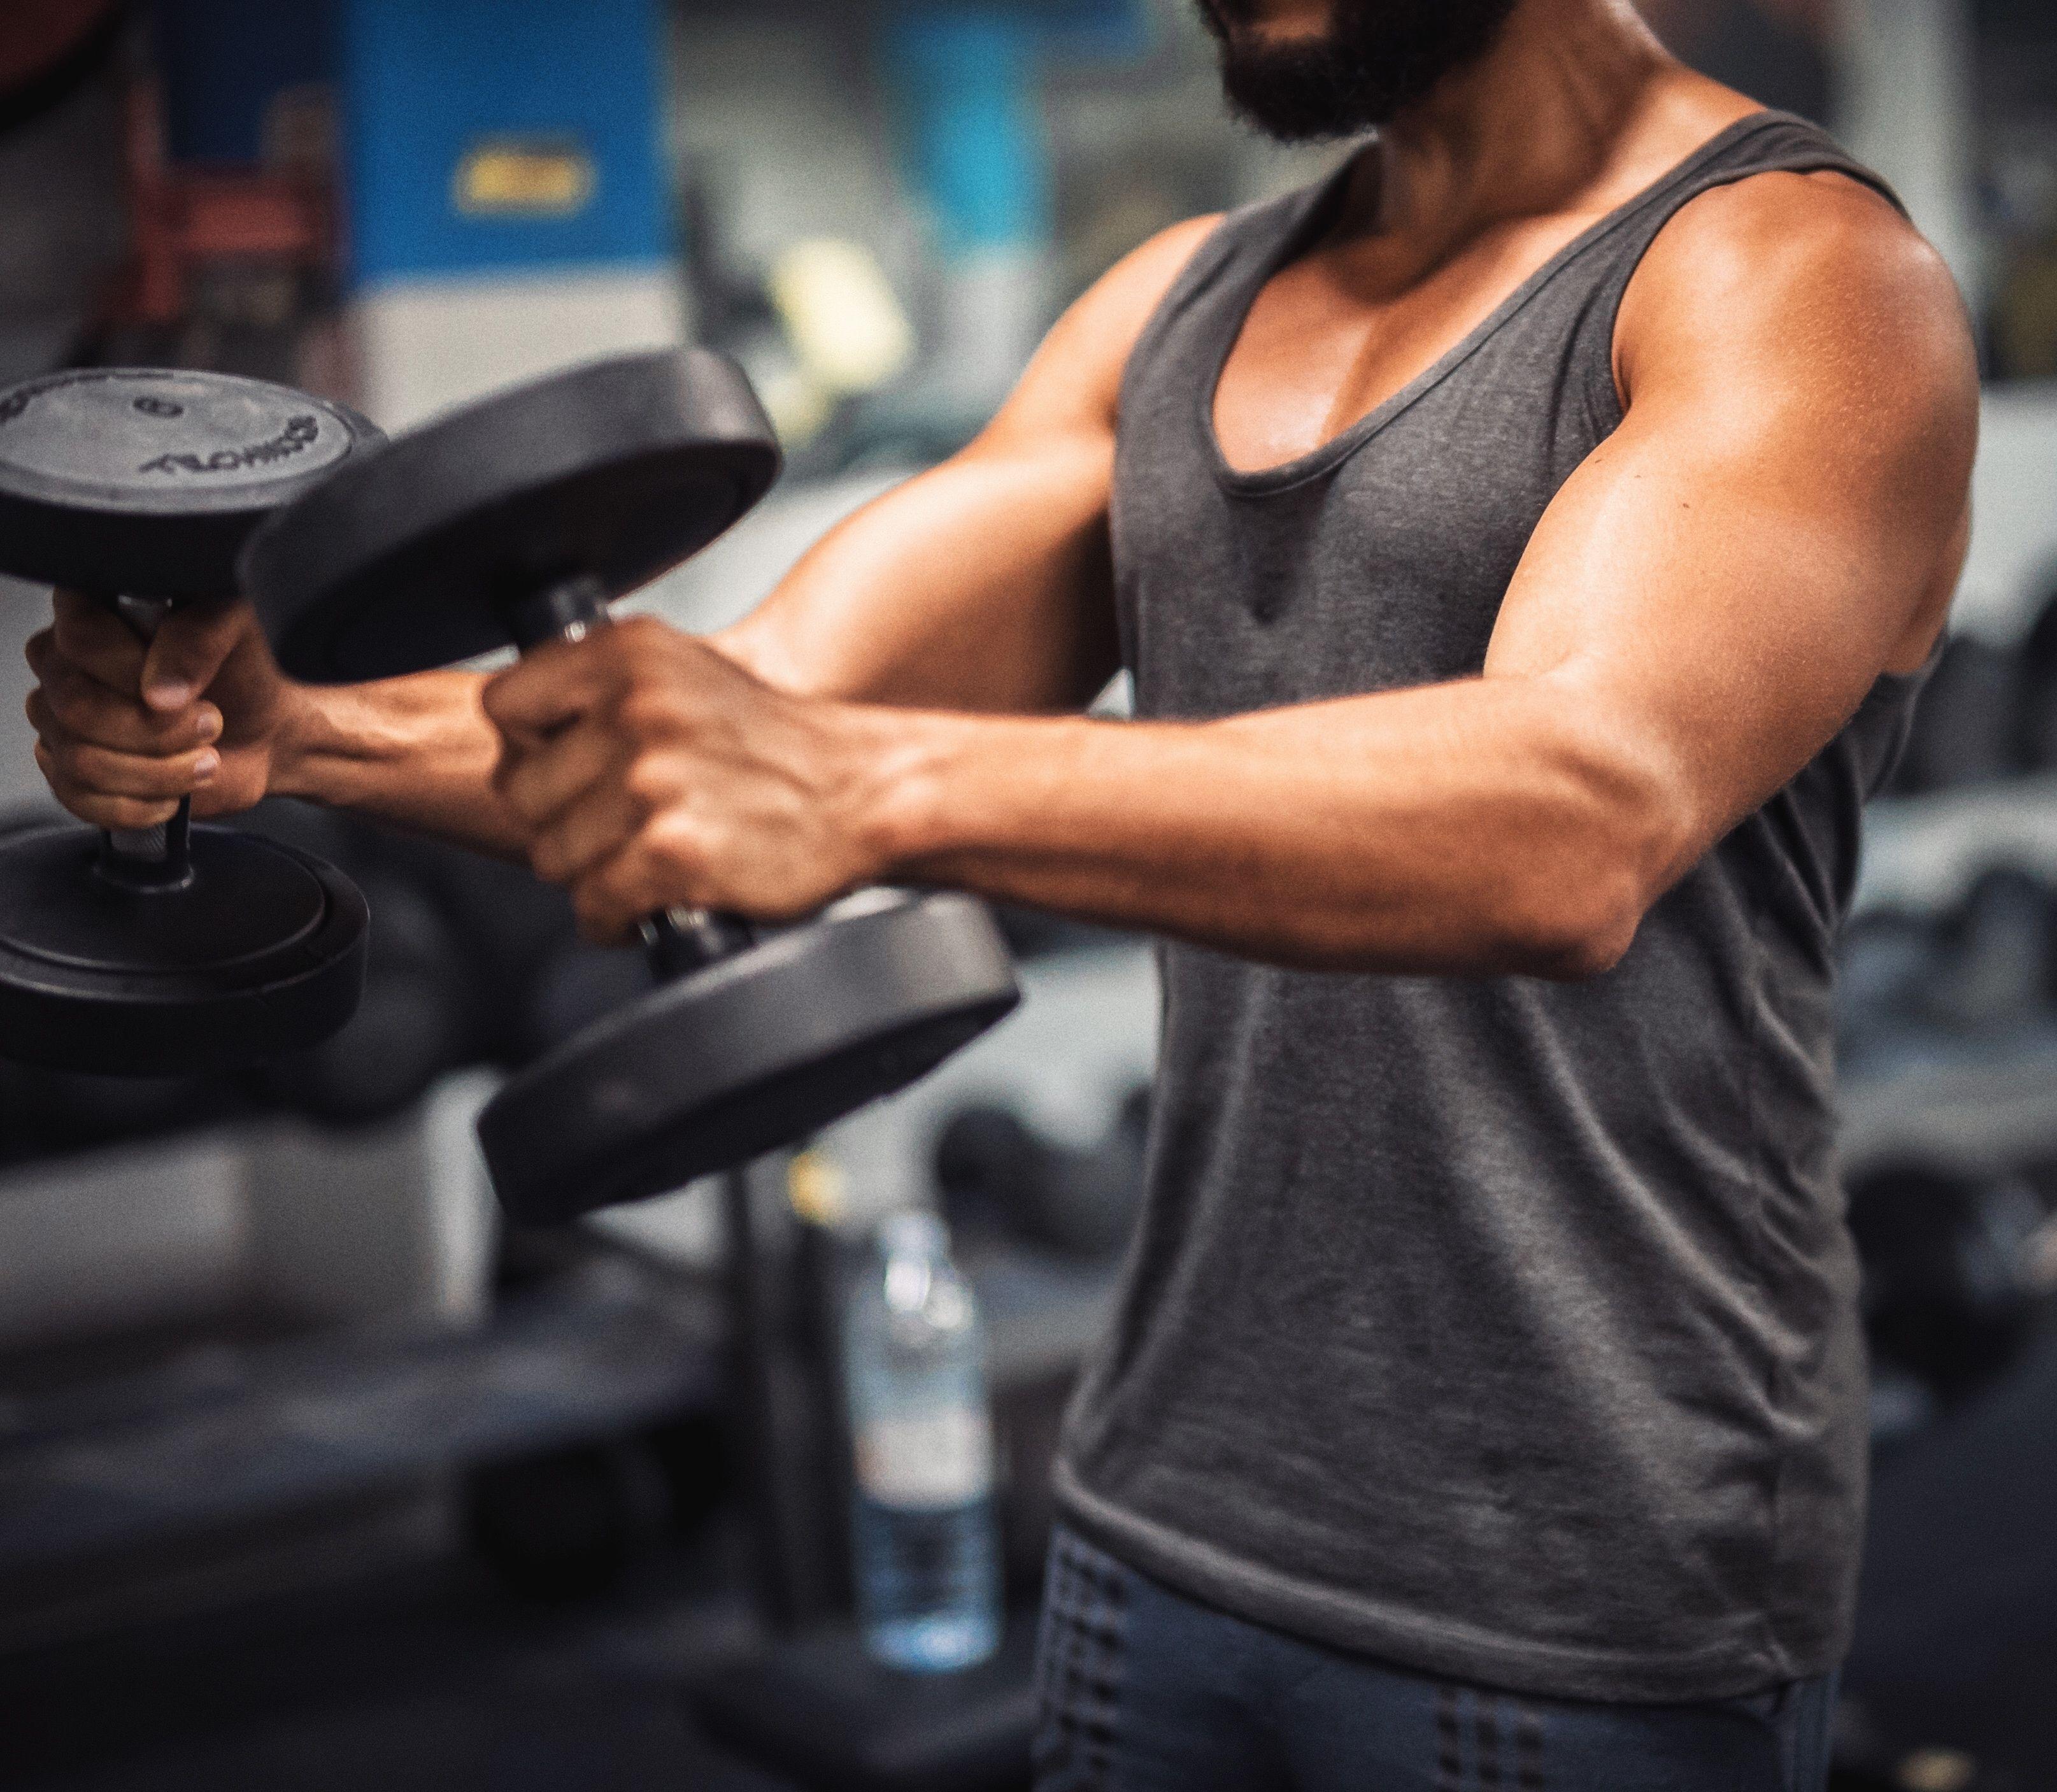 que hacer para quemar mas grasa en el gym